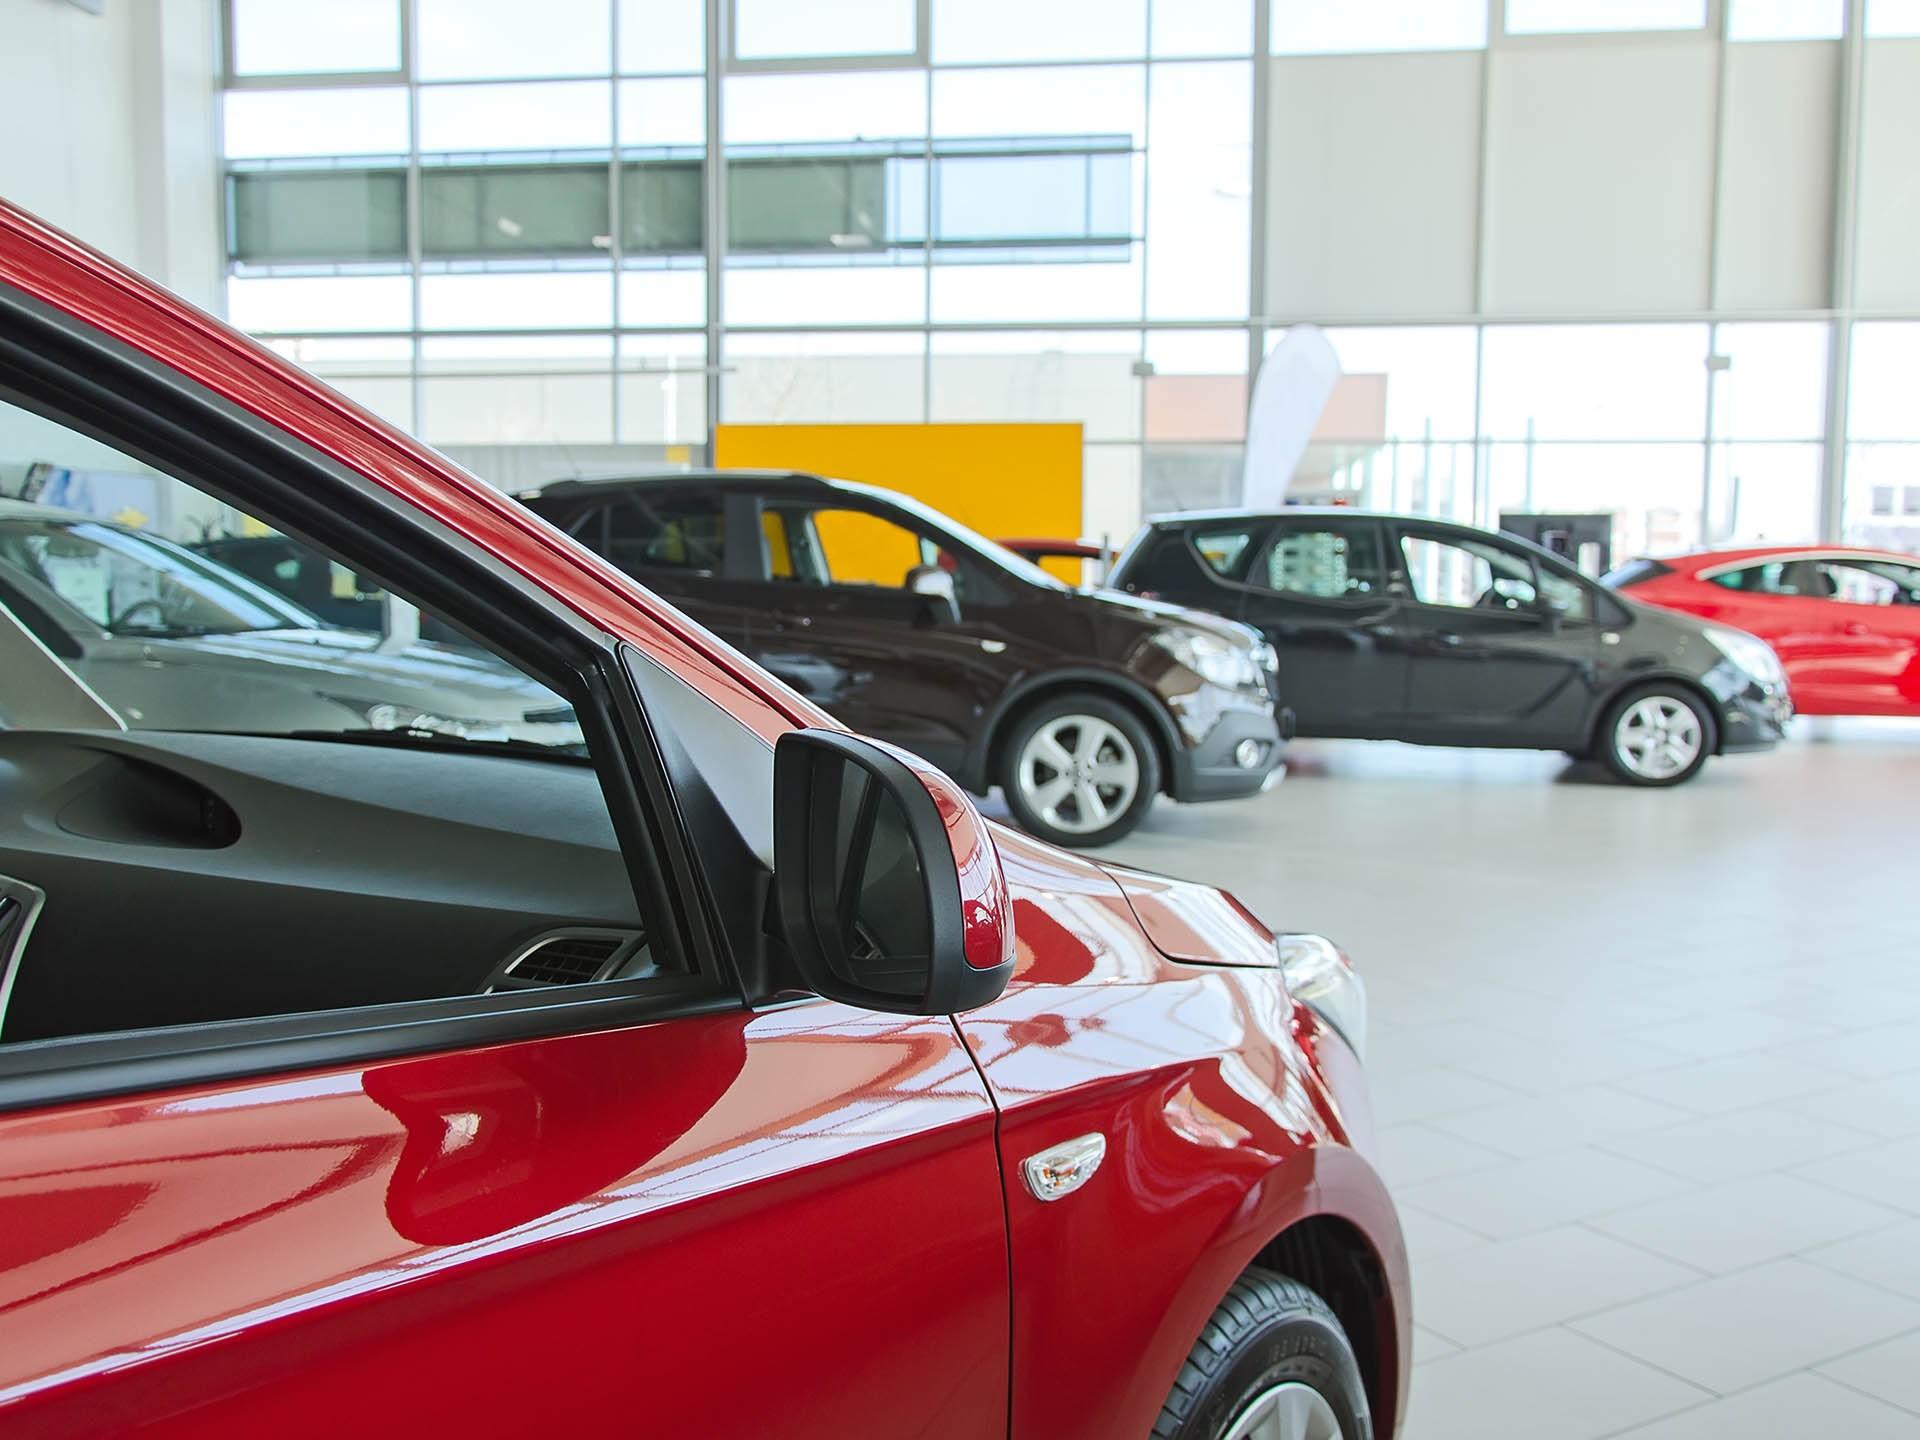 Авито Авто: на фоне дефицита новых автомобилей в России растут продажи подержанных машин в возрасте до 3 лет